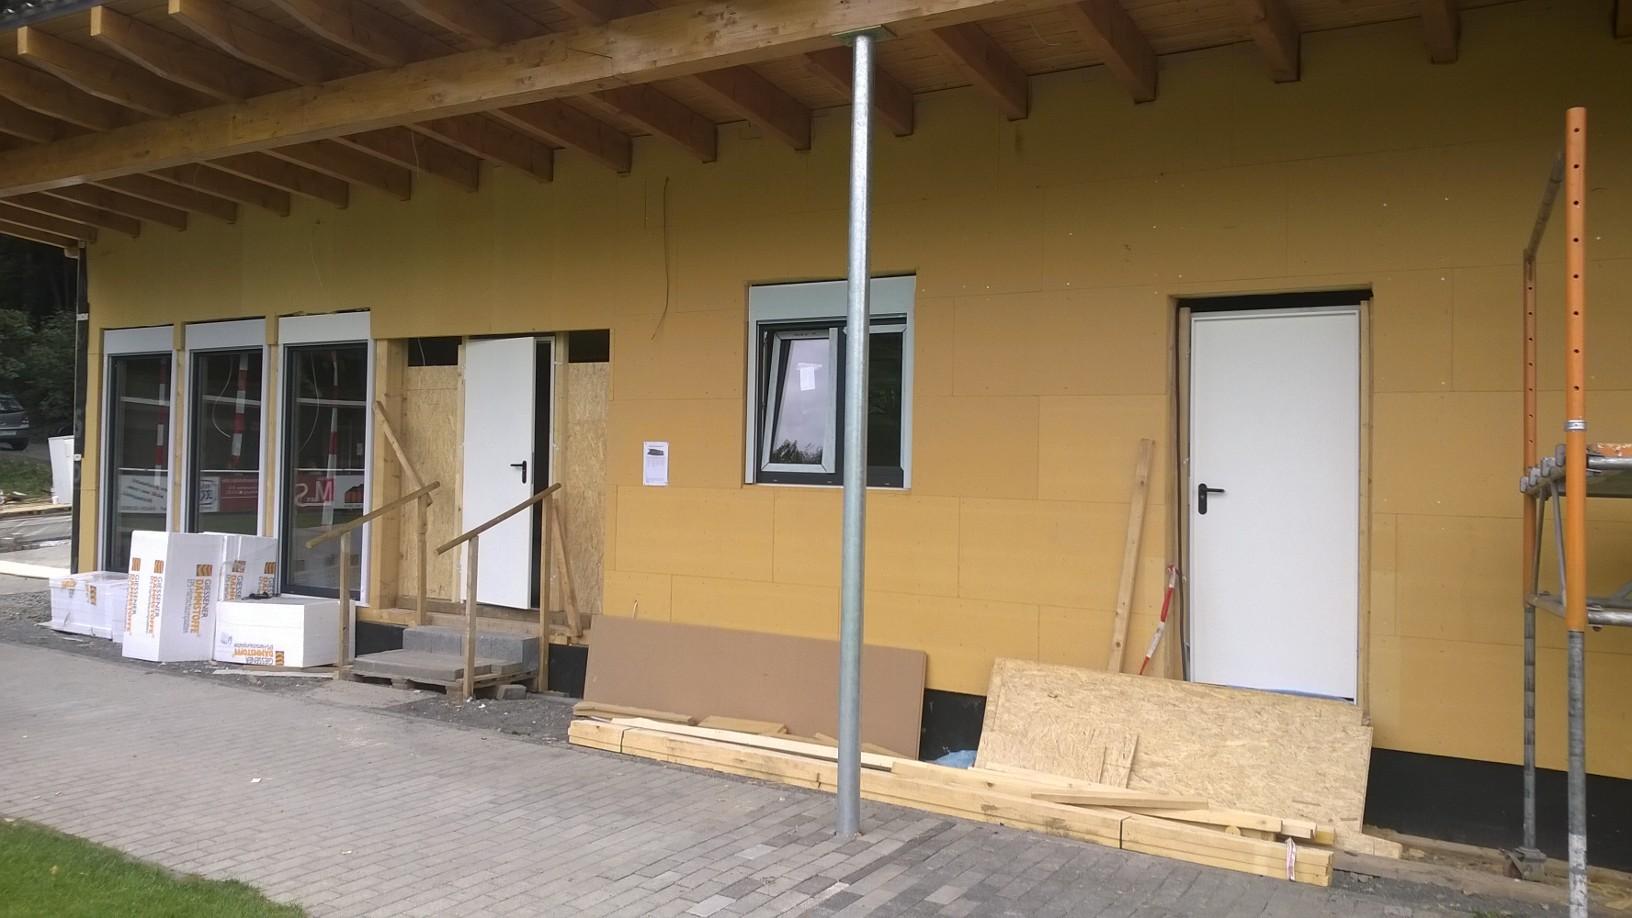 ... alle Fenster drin und zwei provisorische Türen eingebaut